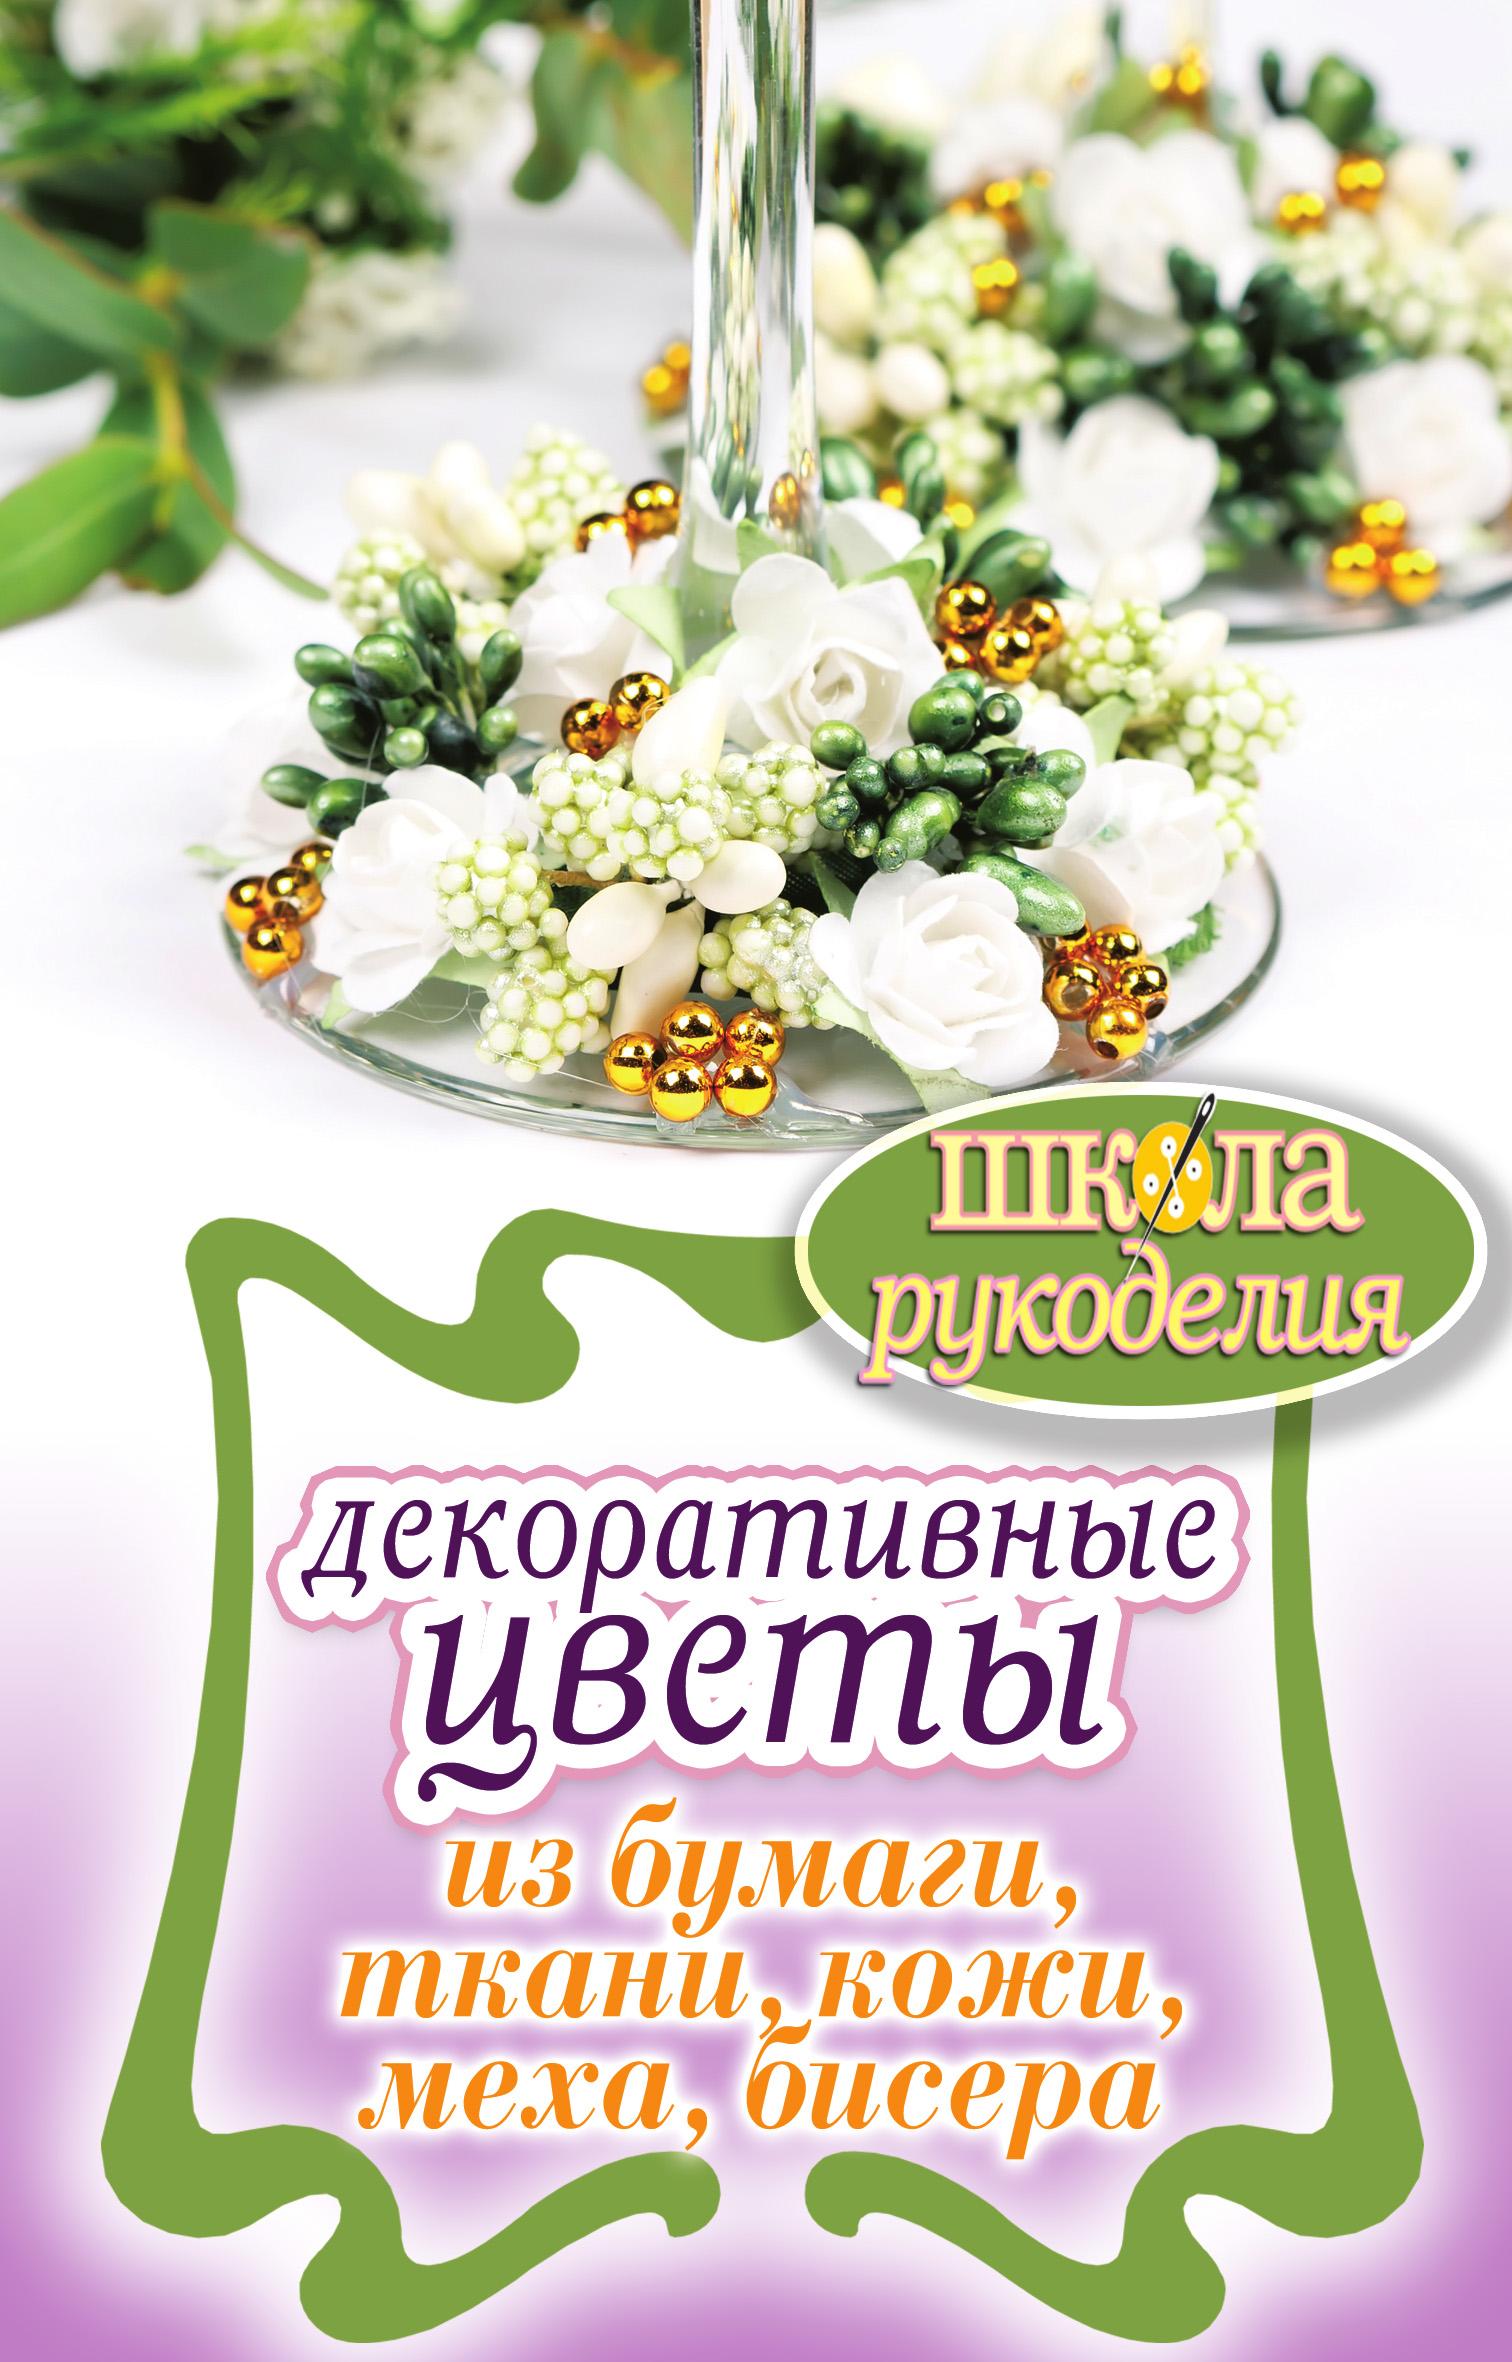 Название цветов с стручками